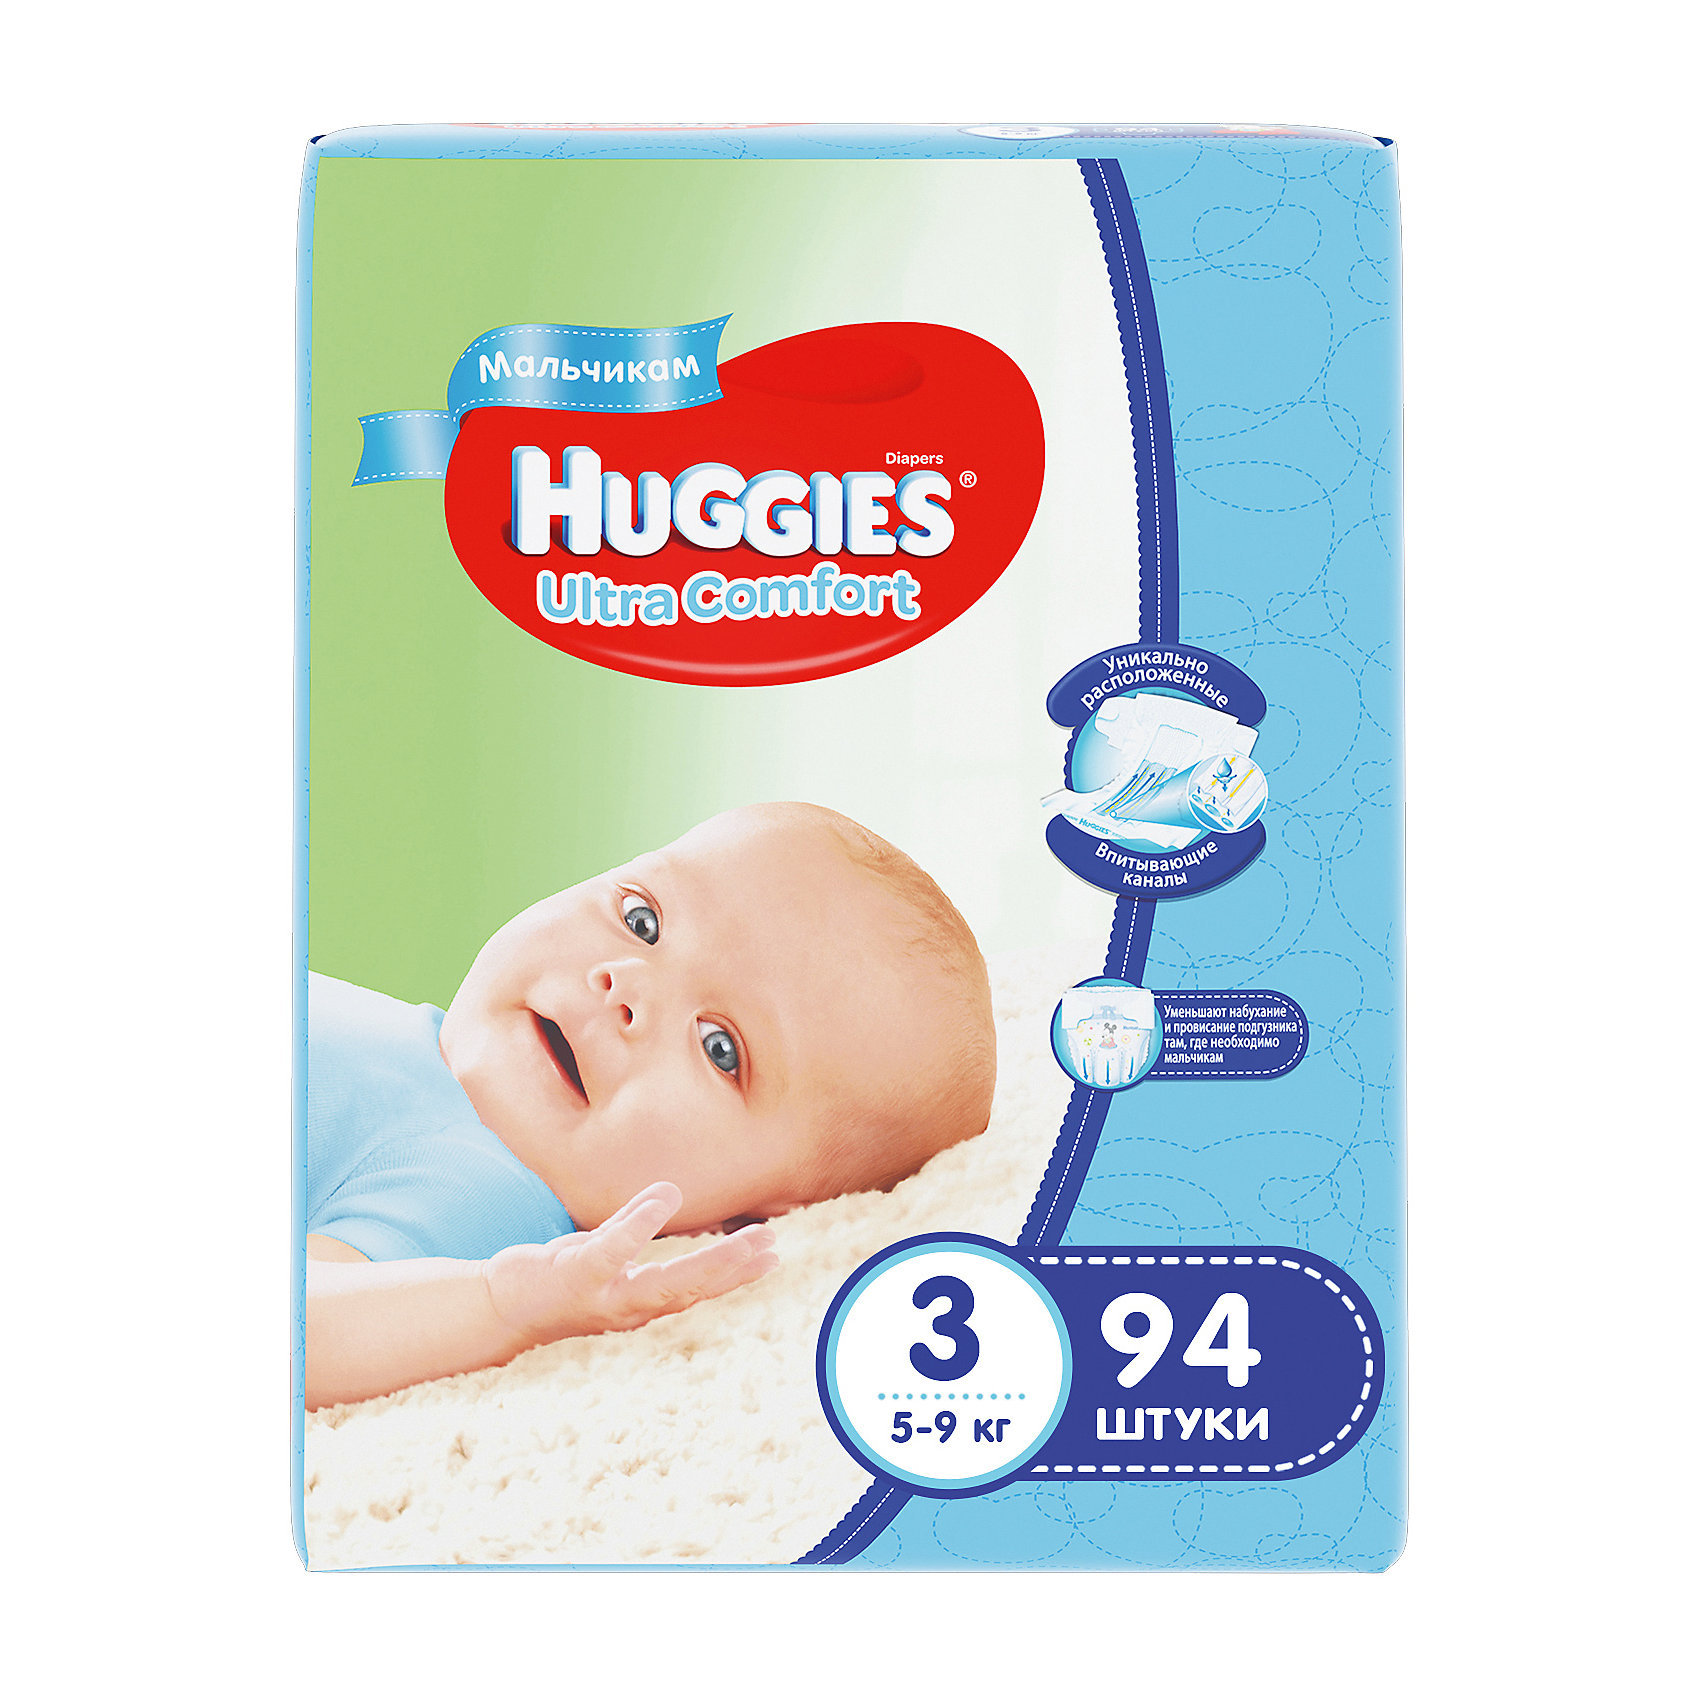 Подгузники Huggies Ultra Comfort для мальчиков Giga Pack (3) 5-9 кг, 94 шт.Подгузники классические<br>С первых дней жизни мальчики и девочки такие разные.<br><br>Новые подгузники Huggies Ultra Comfort созданы специально для мальчиков и специально для девочек. Для лучшего впитывания распределяющий слой в этих подгузниках расположен там, где это нужнее всего: по центру для девочек и выше для мальчиков. Huggies Ultra Comfort изготовлены из мягких материалов с микропорами, которые позволяют коже «дышать». Специальные тянущиеся застежки с закругленными краями надежно фиксируют подгузник, а широкий суперэластичный поясок позволяет малышам свободно двигаться.<br><br>Ключевые преимущества новых Huggies Ultra Comfort:<br><br>- Широкий суперэластичный поясок помогает надежно фиксировать подгузник по спинке малыша и защищать кожу от натирания<br>- Анатомическая форма. Изогнутые резиночки повторяют анатомическую форму подгузника, помогая защитить от натирания между ножками <br>- Ультра мягкий внутренний слой по всей длине подгузника оберегает кожу малыша.<br>- Специально разработанный слой Dry Touch впитывает за секунды и помогает запереть влагу внутри.<br>- Яркие эксклюзивные подгузники c дизайном от Disney подчеркивают индивидуальность маленьких модников и модниц.<br><br>Huggies Ultra Comfort для мальчиков и для девочек — потому что они такие разные.<br><br>Дополнительная информация:<br><br>Для мальчиков.<br>Размер: 3, для малышей от 5 до 9 кг.<br>В упаковке: 94 шт.<br><br>Подгузники Huggies Ultra Comfort для мальчиков Giga Pack (3) 5-9 кг, 94 шт. можно купить в нашем интернет-магазине.<br><br>Ширина мм: 410<br>Глубина мм: 405<br>Высота мм: 107<br>Вес г: 3008<br>Возраст от месяцев: 0<br>Возраст до месяцев: 9<br>Пол: Мужской<br>Возраст: Детский<br>SKU: 3389825